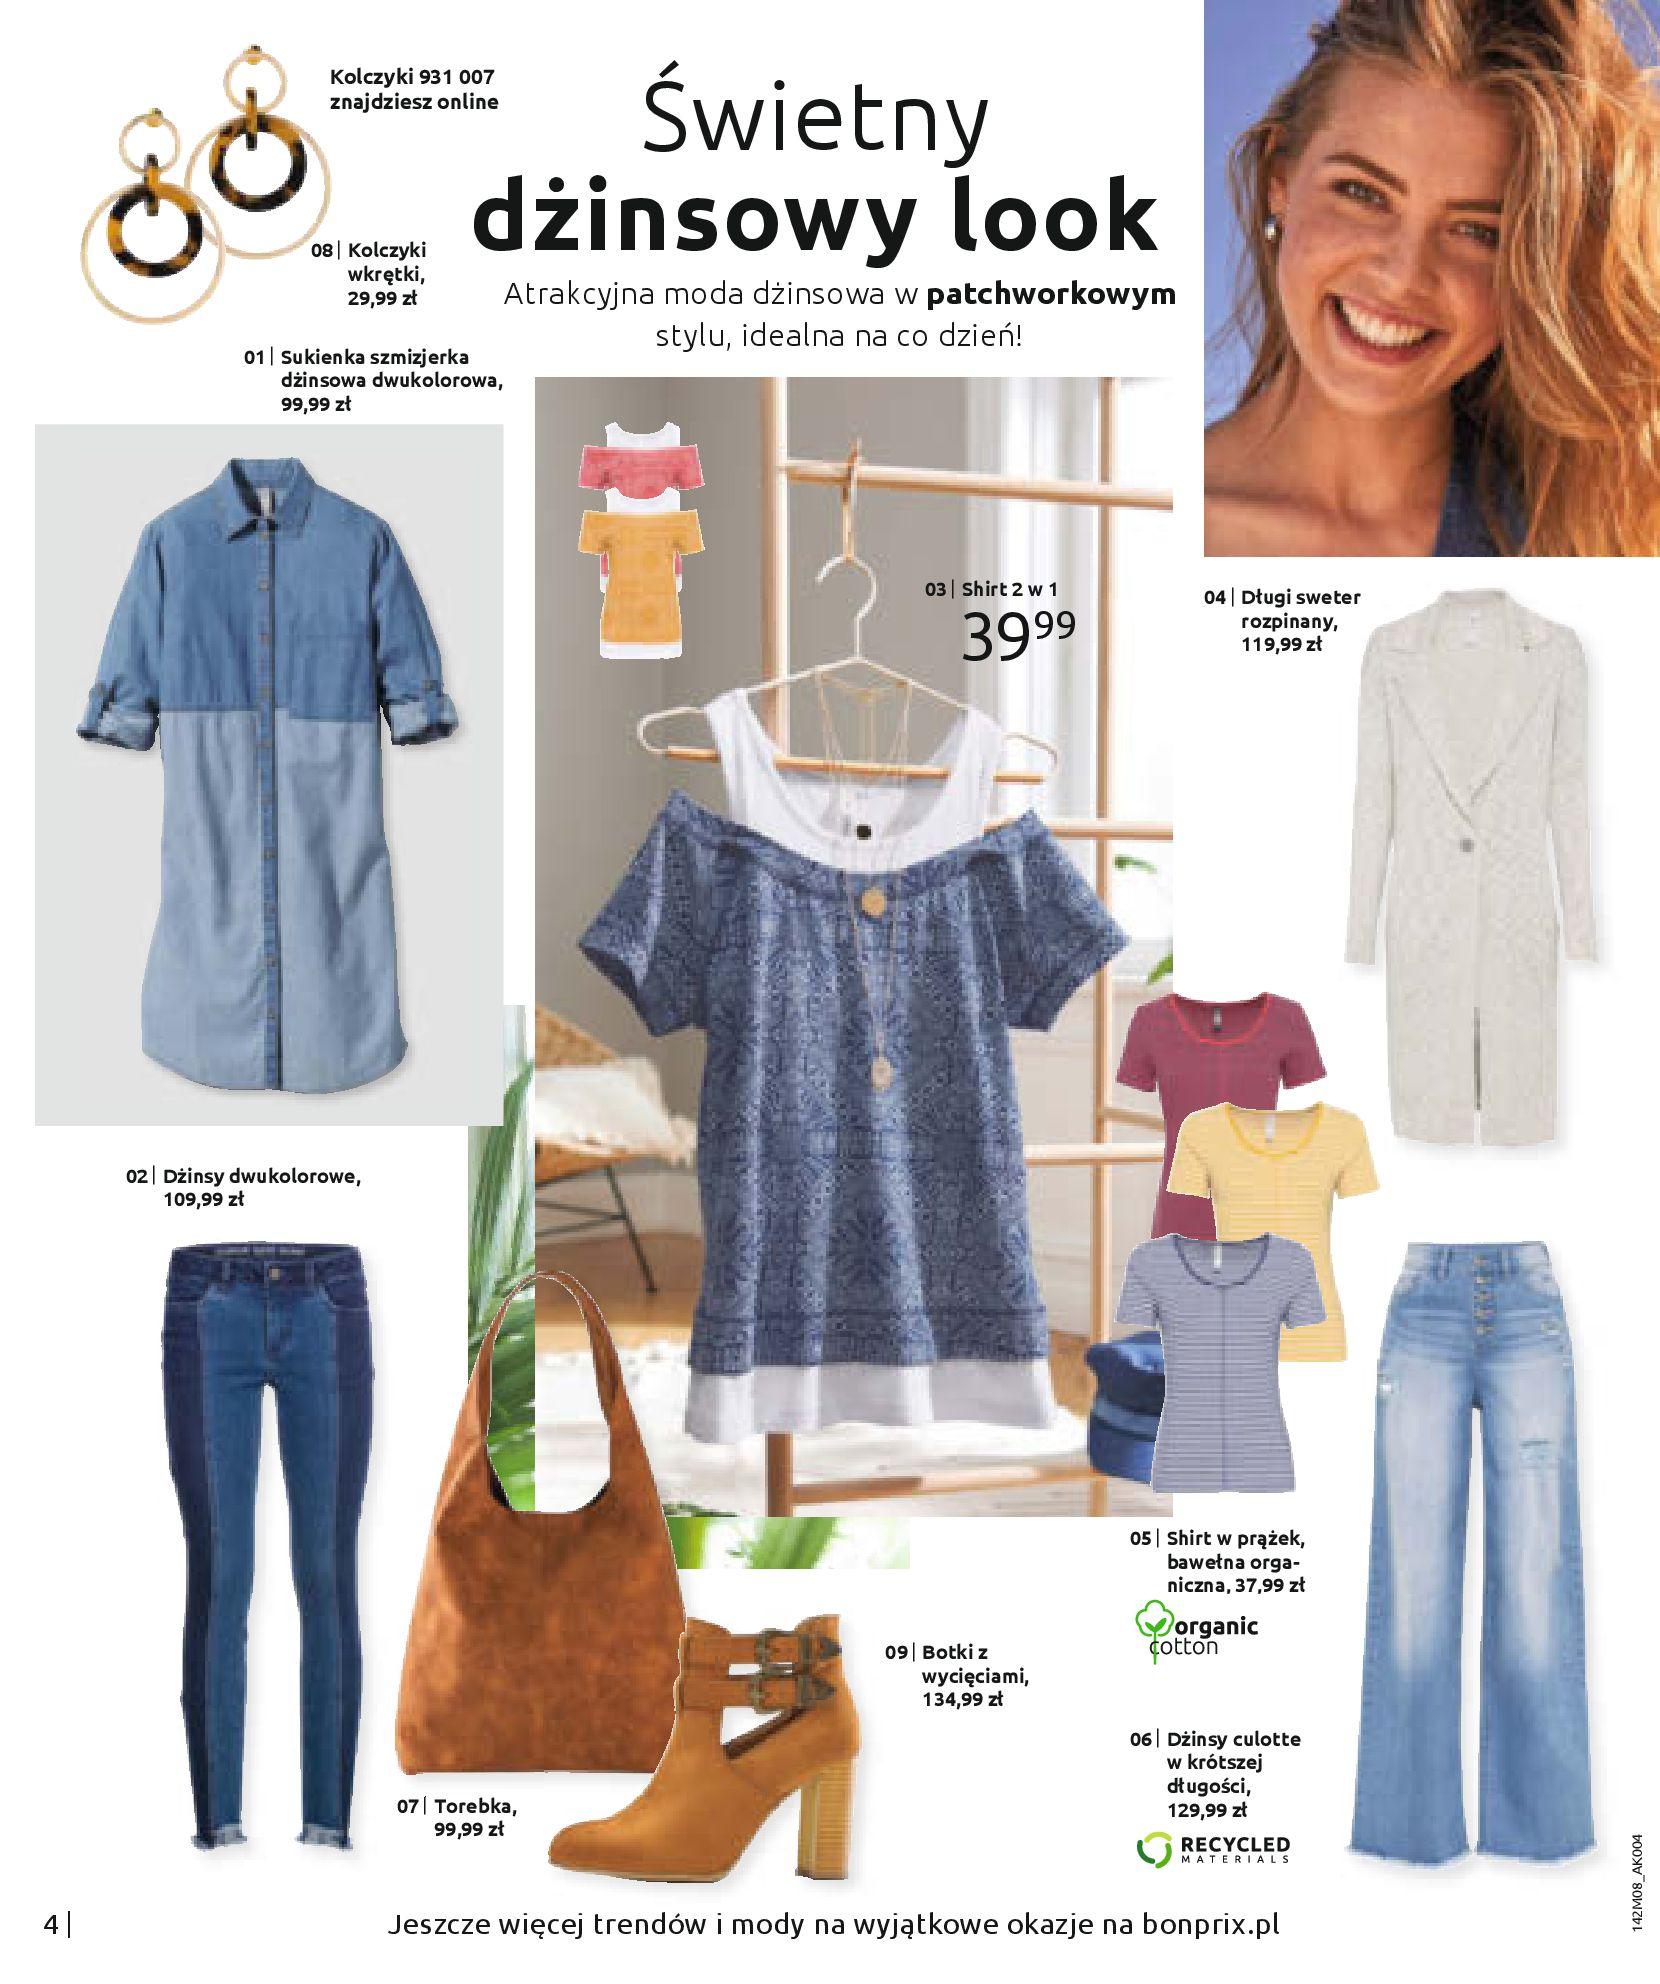 Gazetka Bonprix - Hity dżinsowej mody!-25.08.2020-10.02.2021-page-6